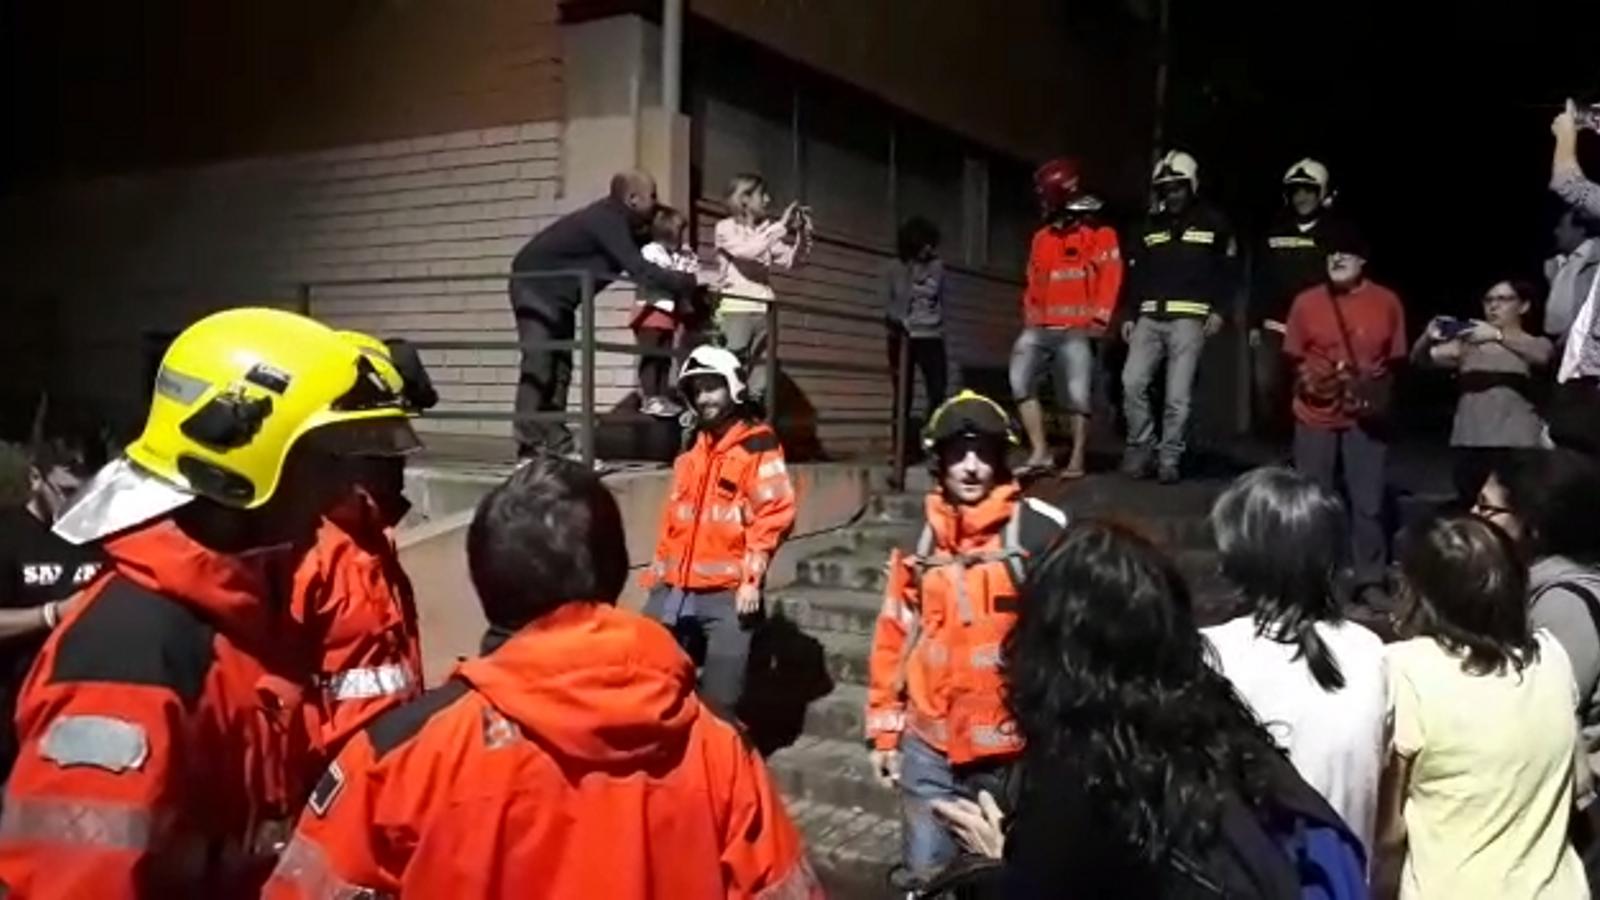 Un grup de bombers catalans reben un grup de bombers del País Basc, a Santa Coloma de Gramenet